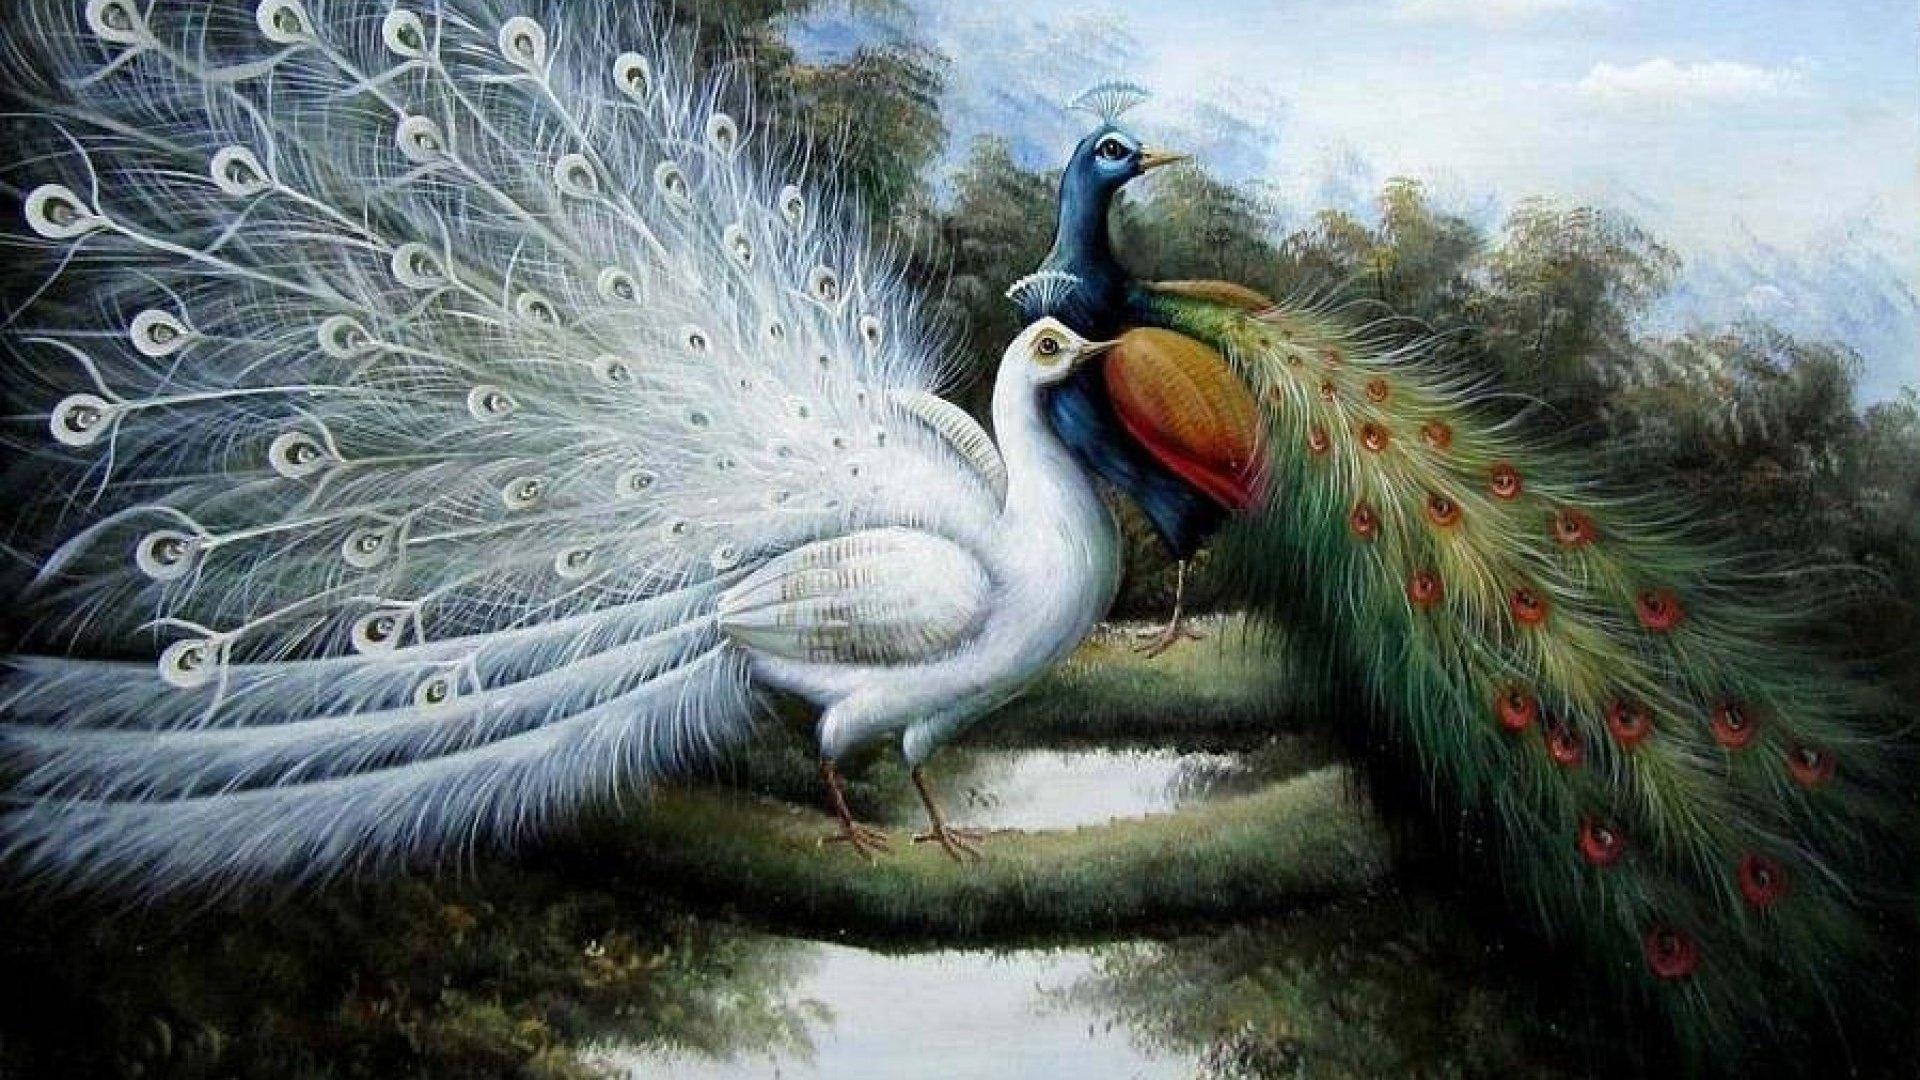 два павлина картинки красивые рисунке отлично видно